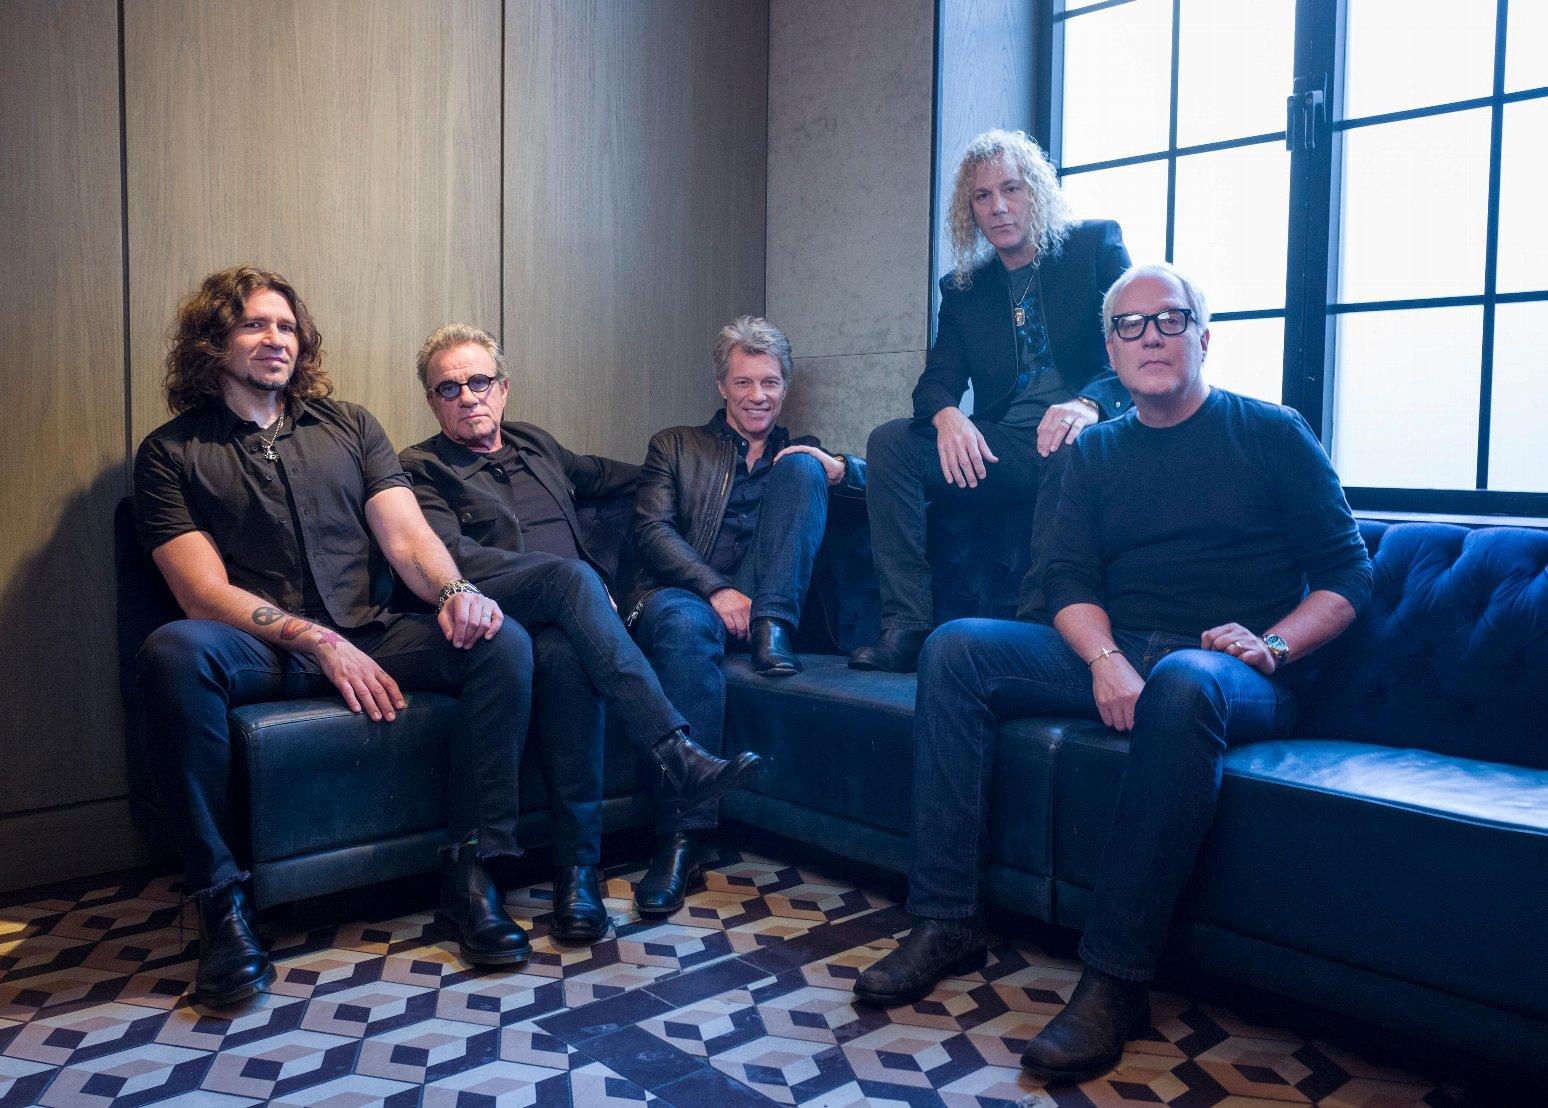 Bon Jovi(ボン・ジョヴィ)の人気曲ランキングTOP30・おすすめ曲16選まとめ